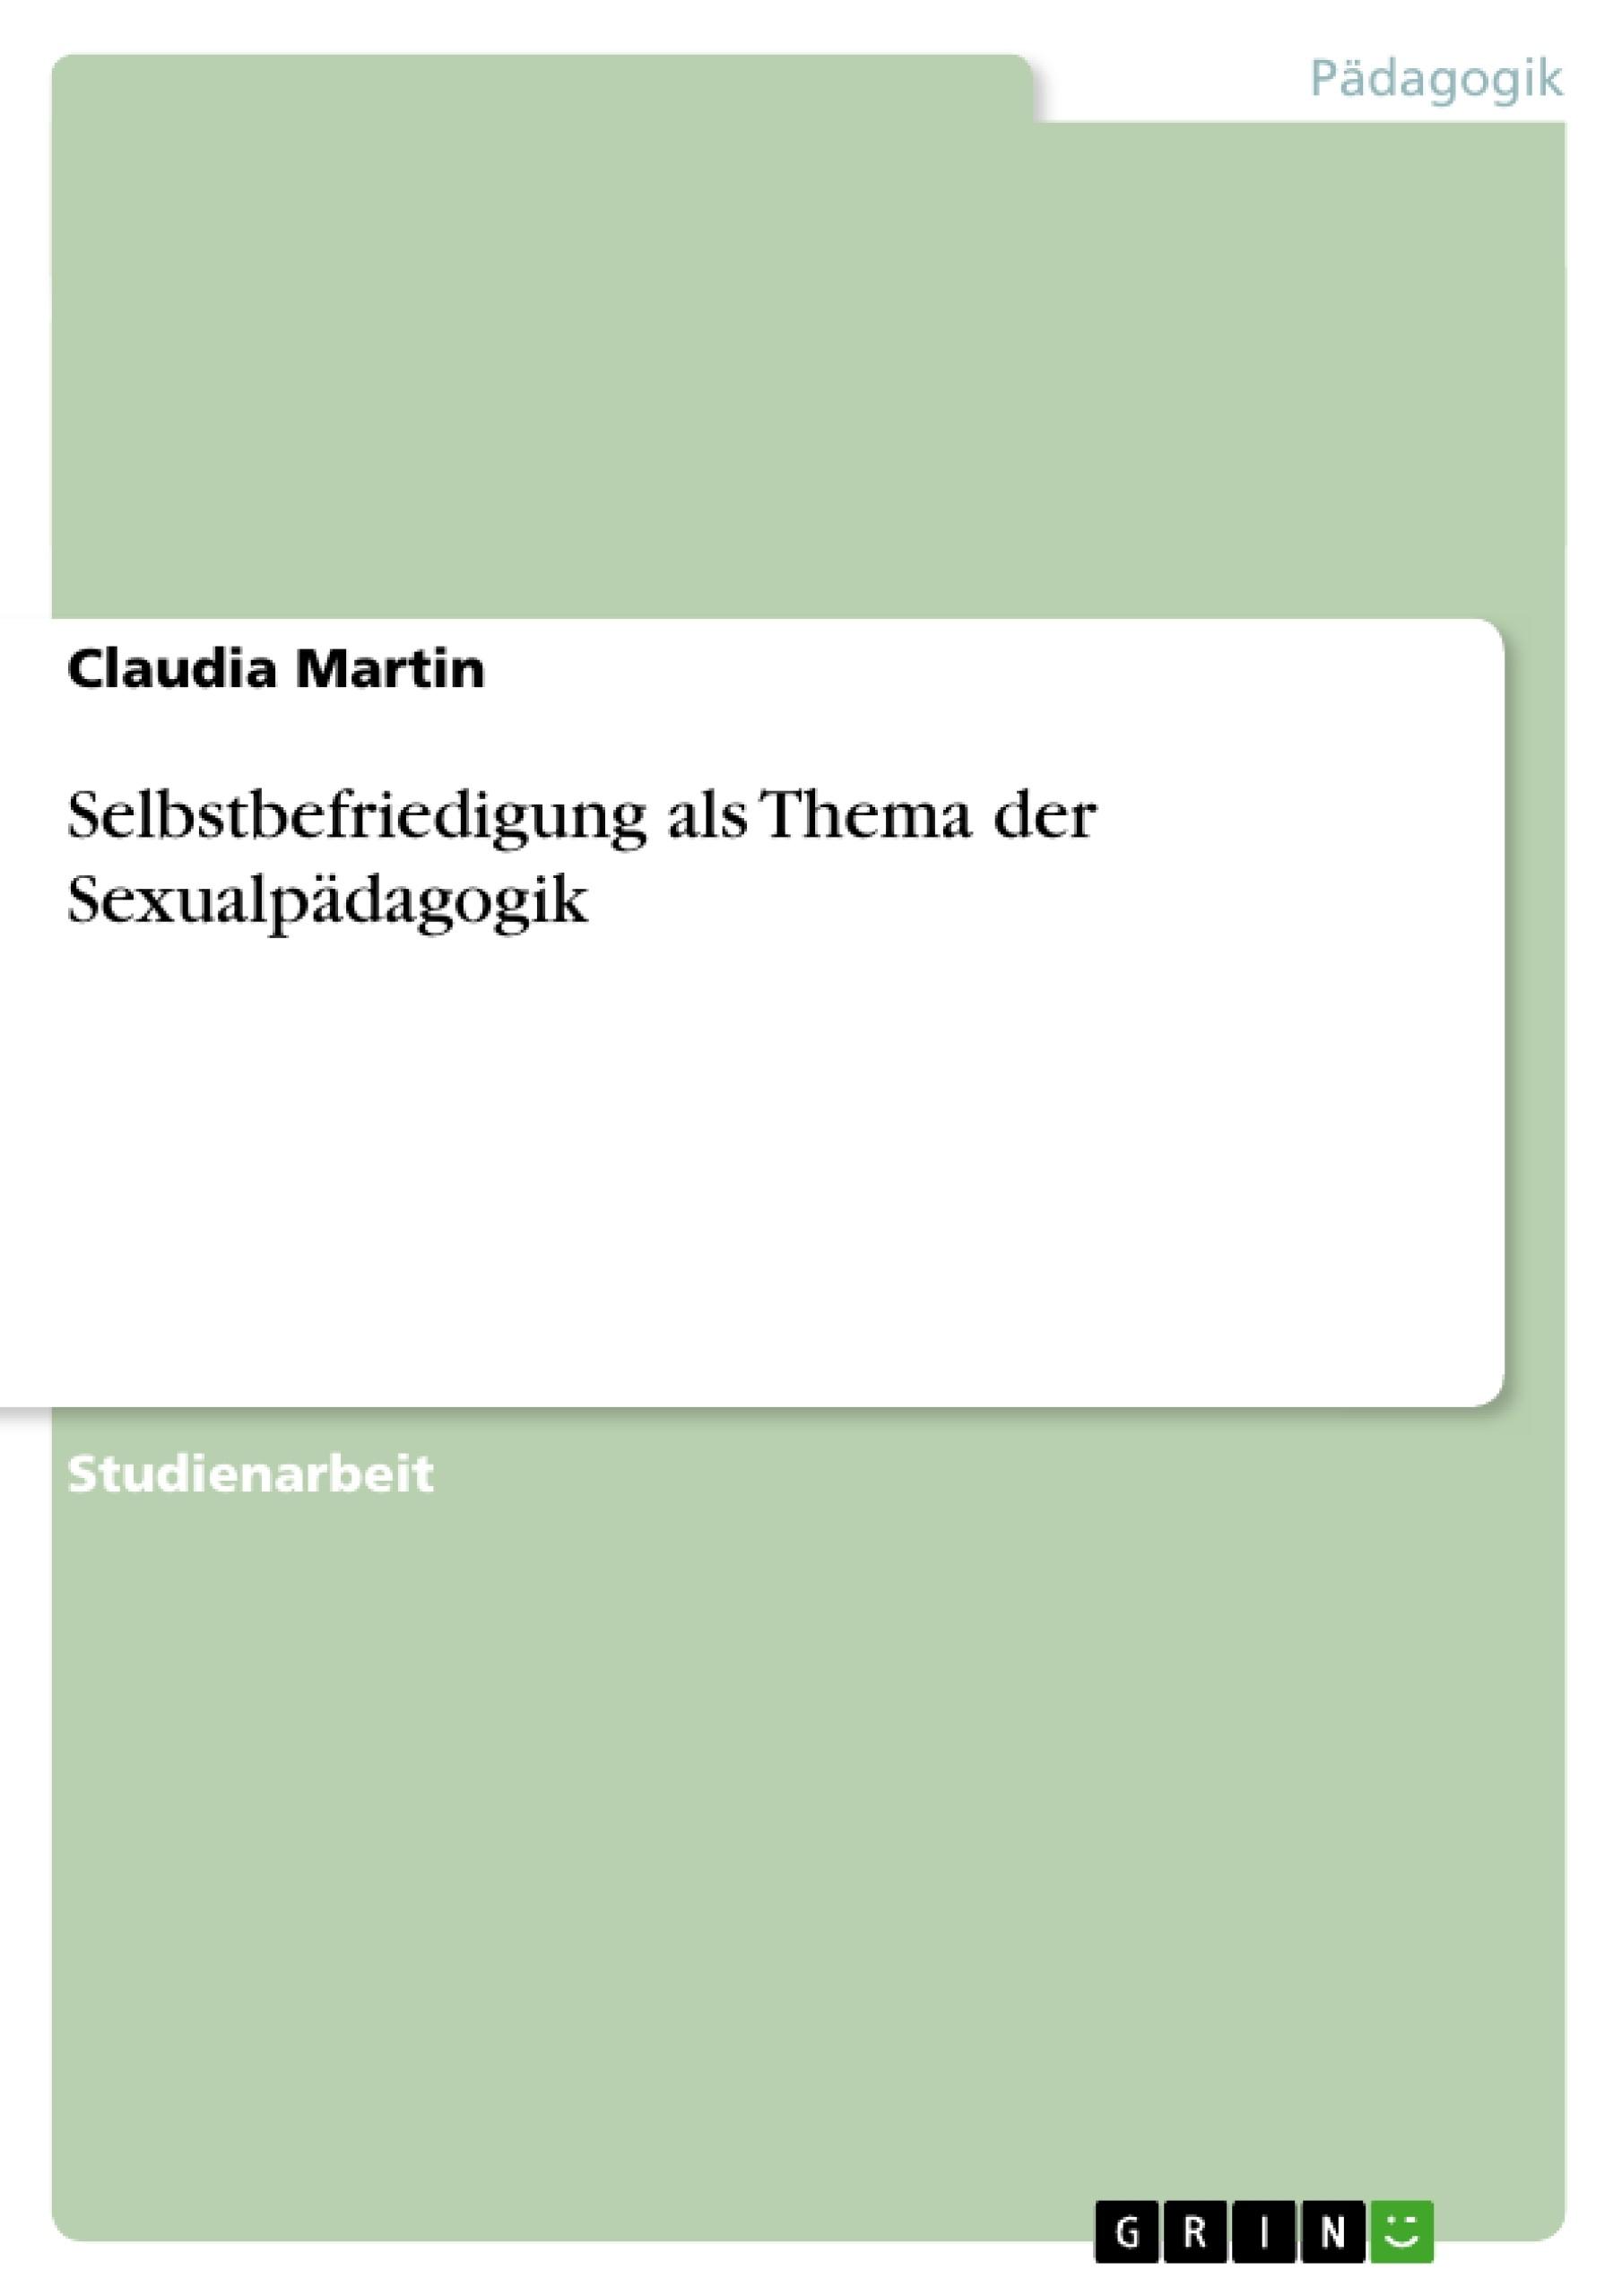 Titel: Selbstbefriedigung als Thema der Sexualpädagogik